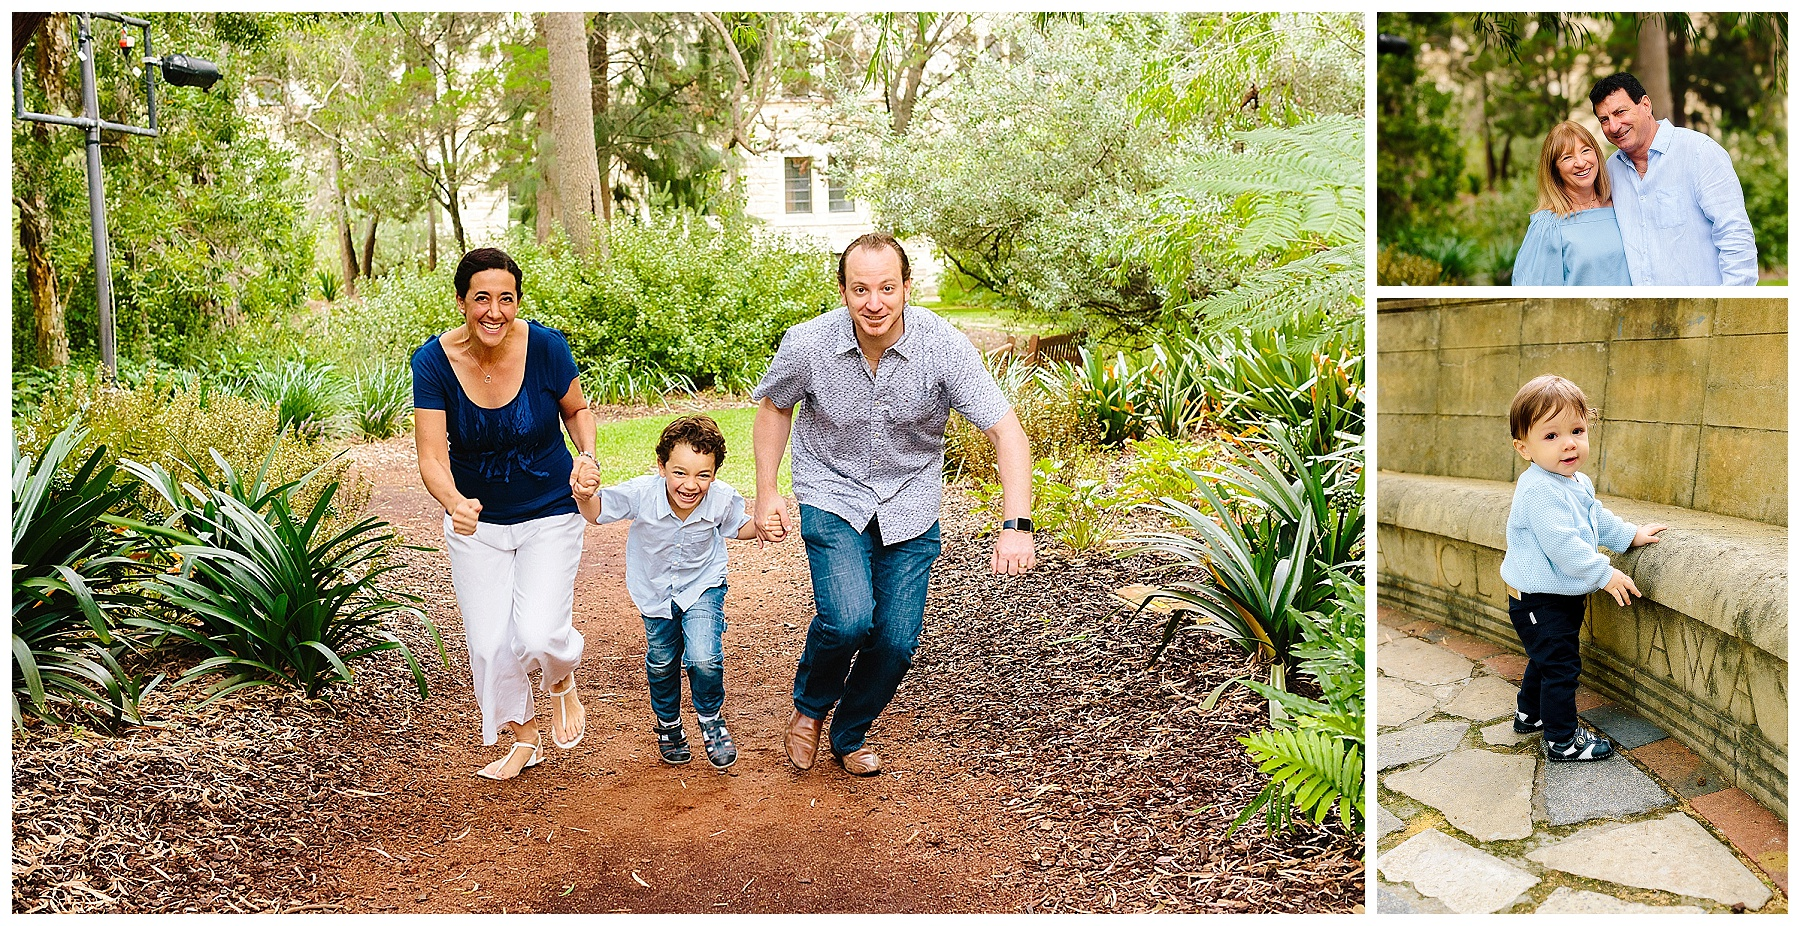 Fun family portraits Perth